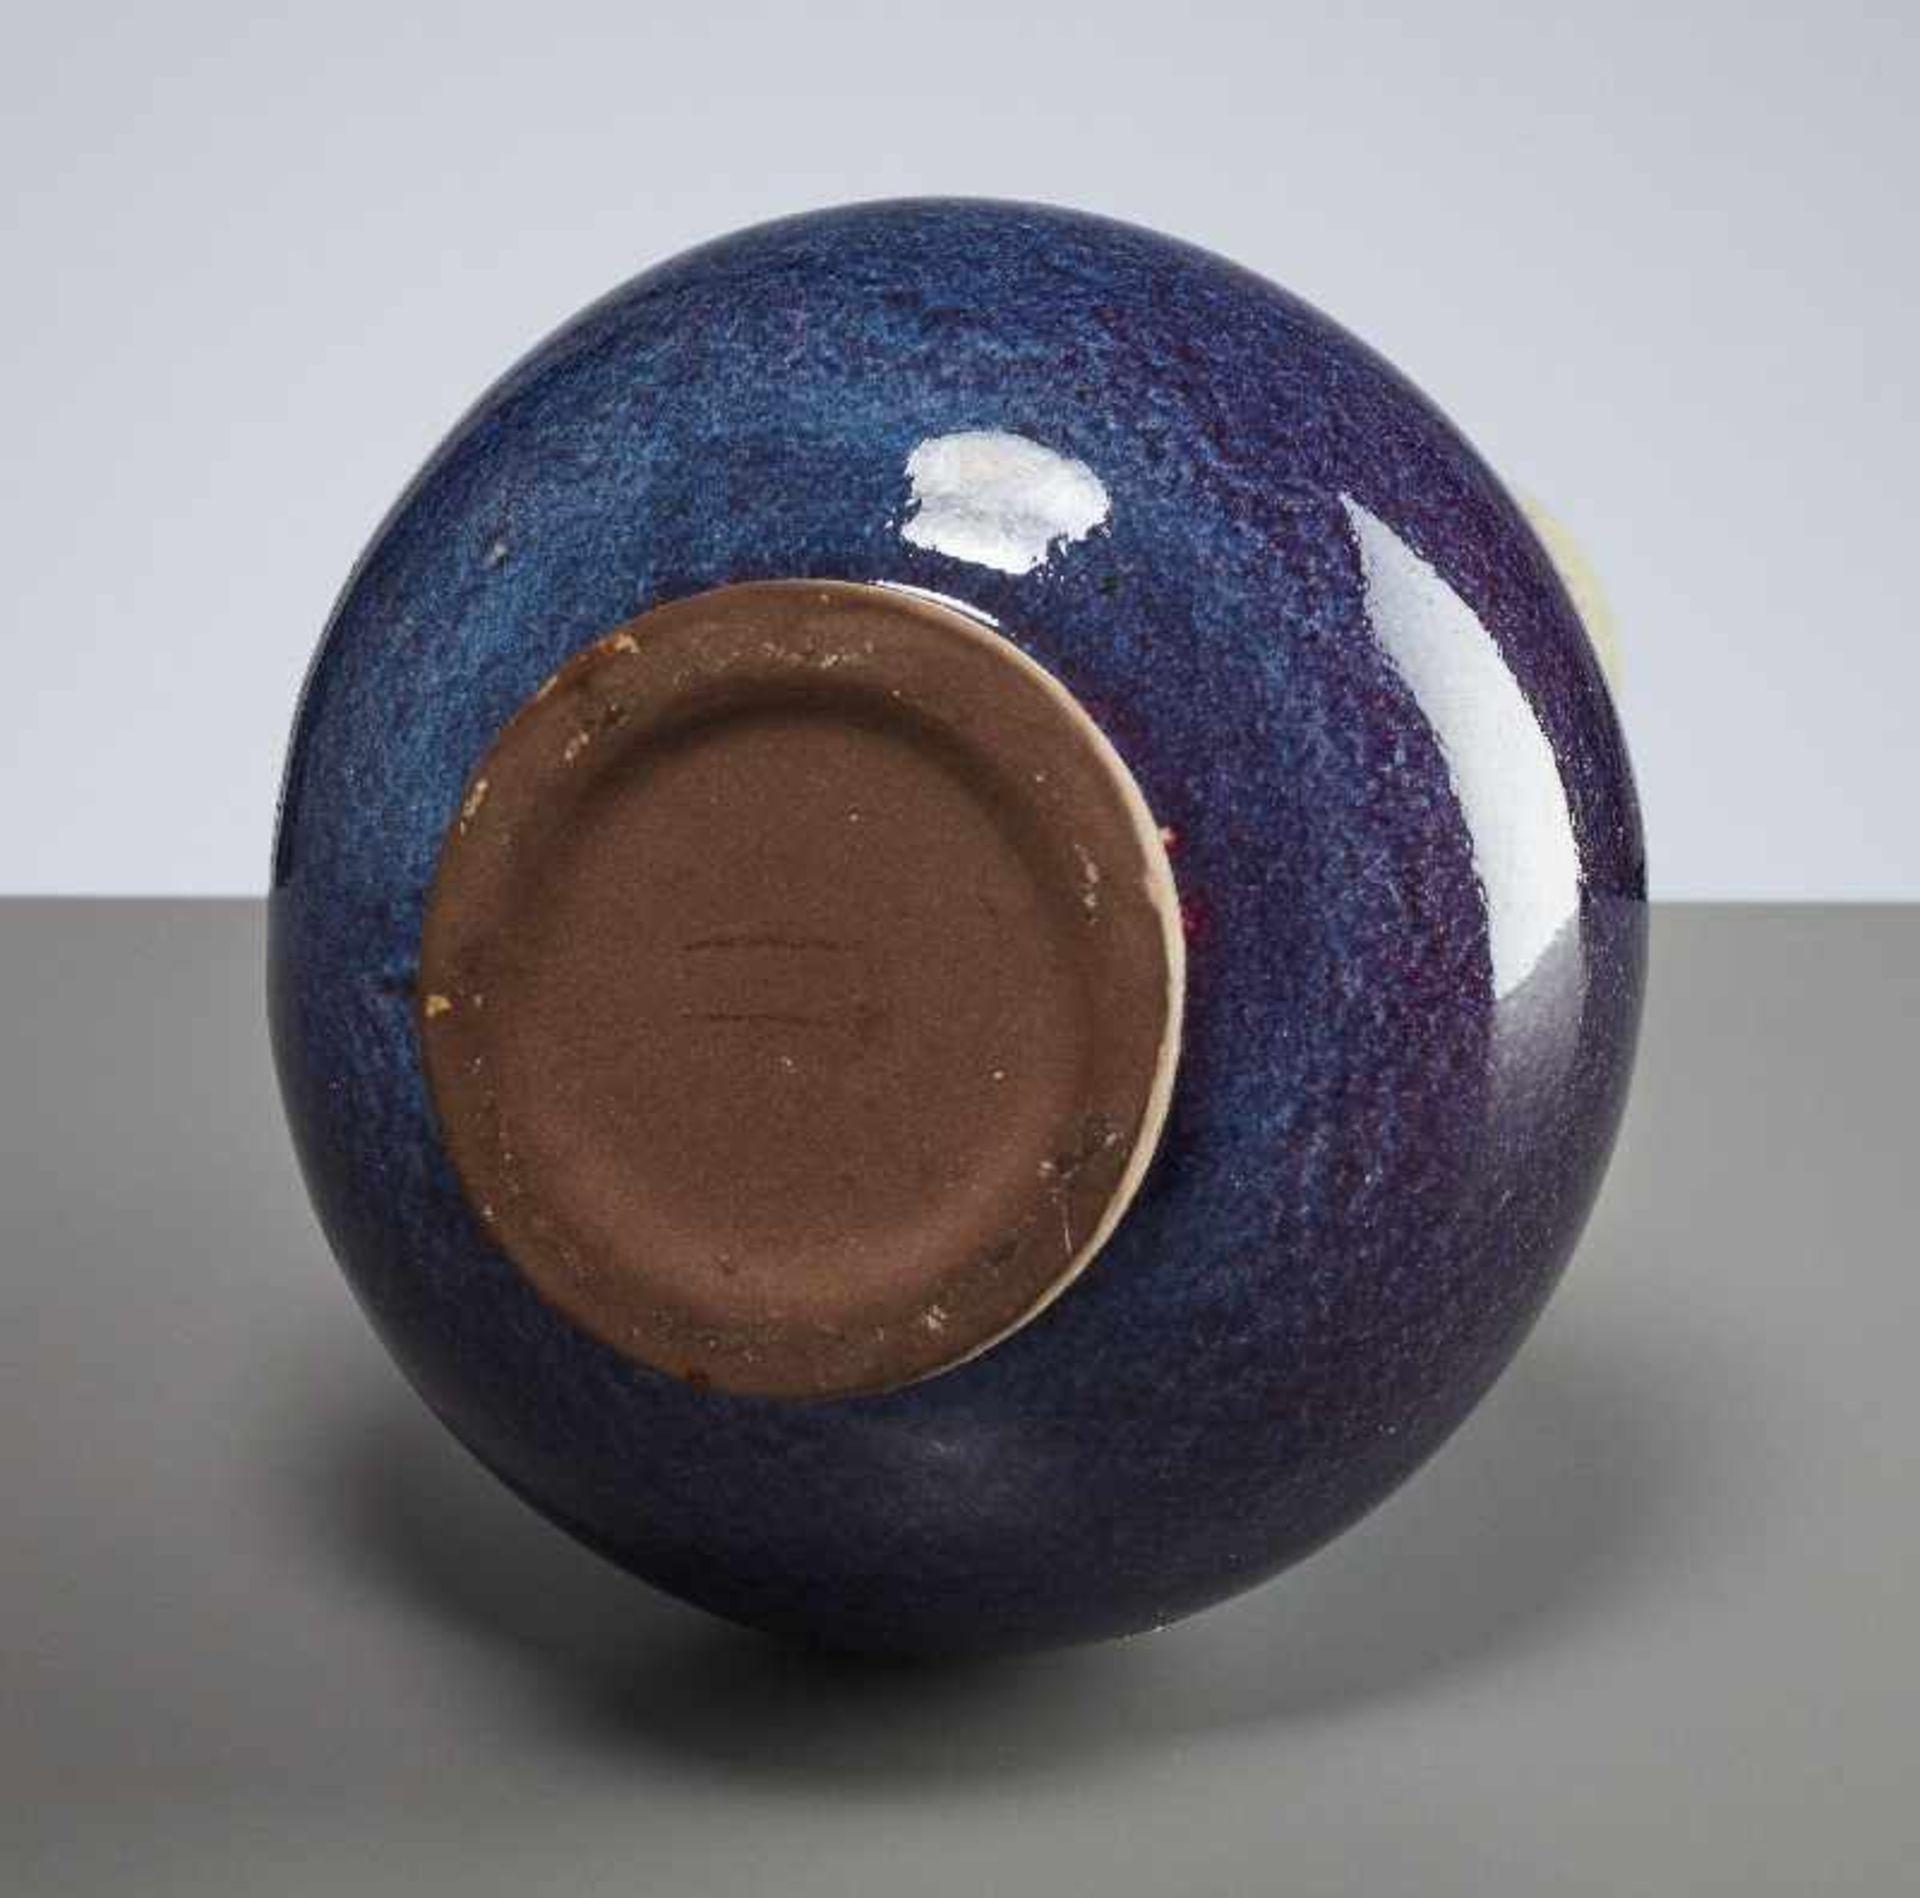 HOHE VASE Glasierte Keramik (Steinzeug). China, verm. 1. Drittel 20. Jh. Kugeliger Körper mit - Image 5 of 5